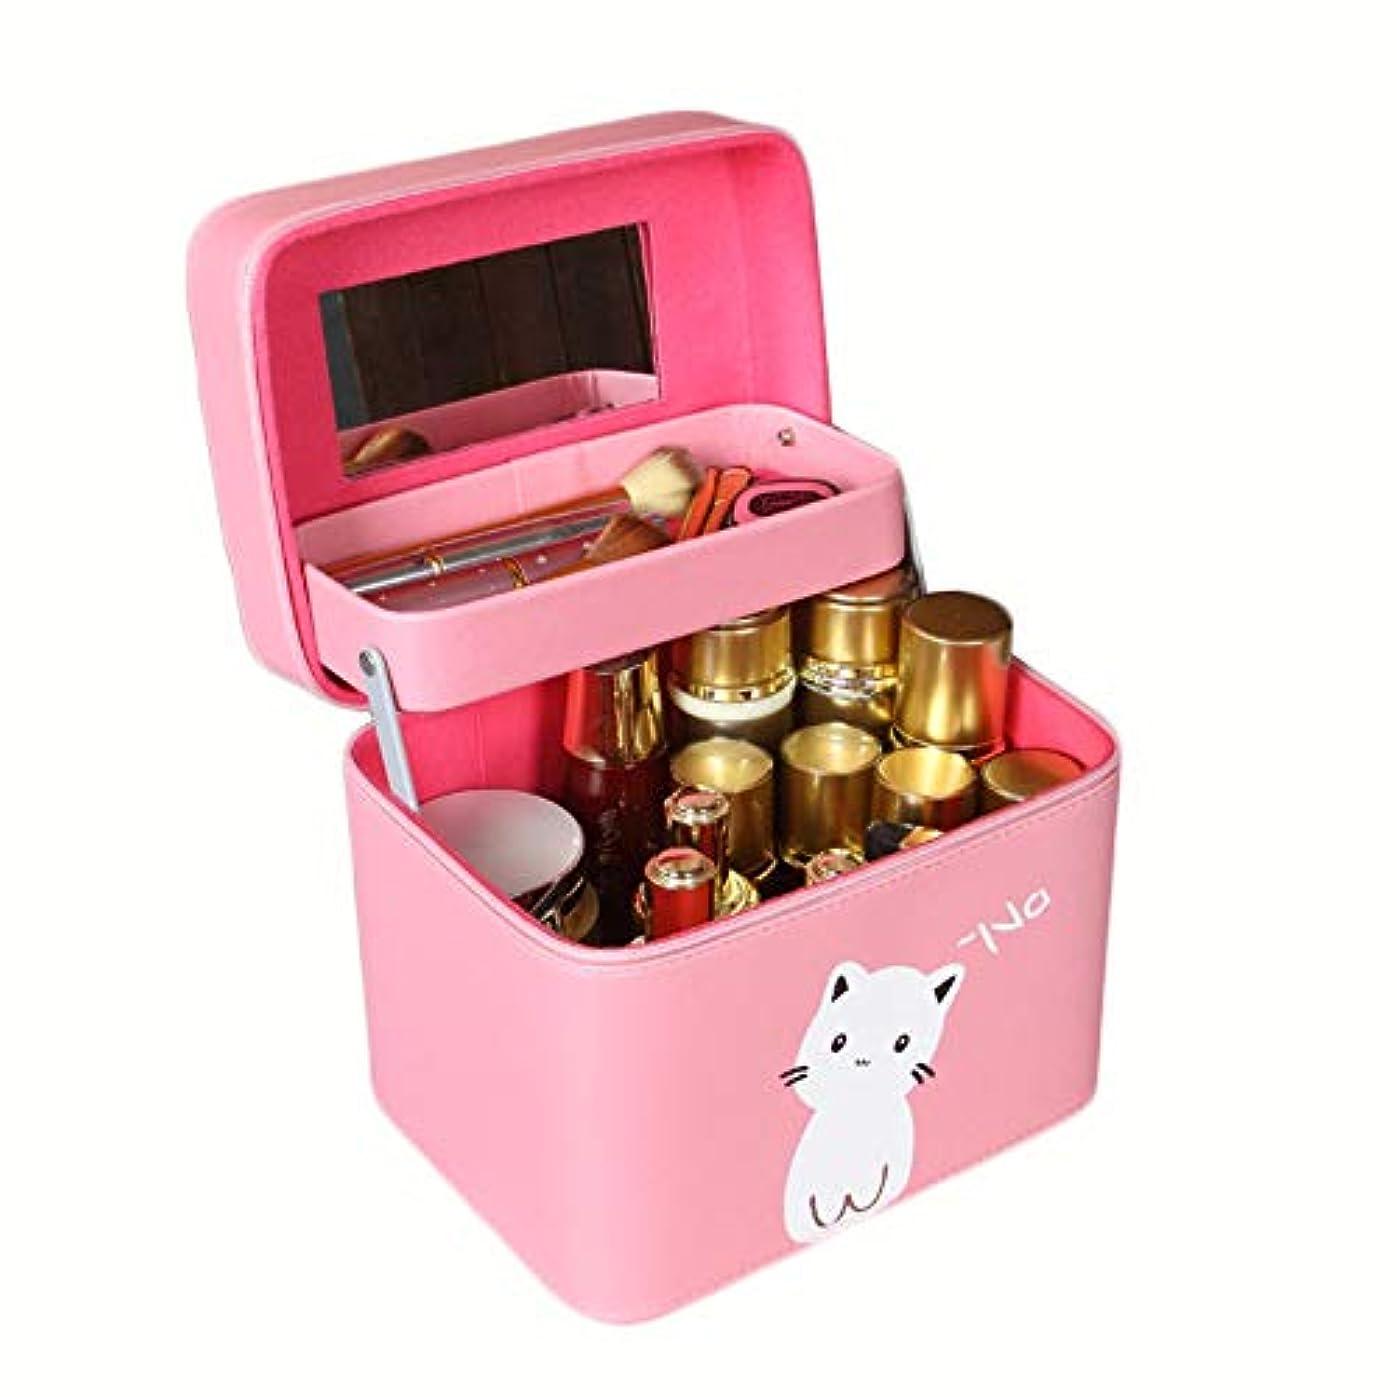 [ディーハウ]メイクボックス 化粧ボックス 化粧道具 小物入れ収納ケース 収納ボックス 大容量 プロ用 コスメボックス 化粧道具入れ 携帯用化粧箱 女性 多機能 多容量 お洒落 化粧ボックス